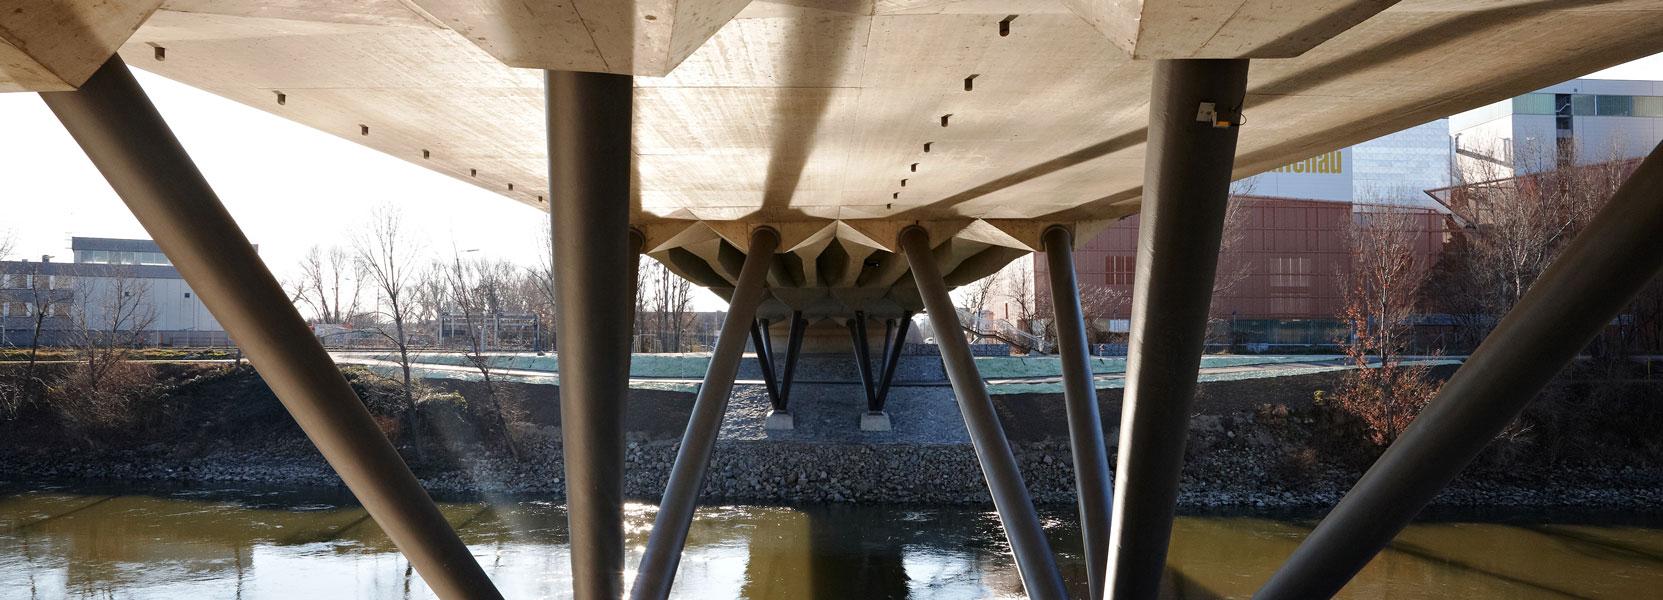 Seitenhafenbridge